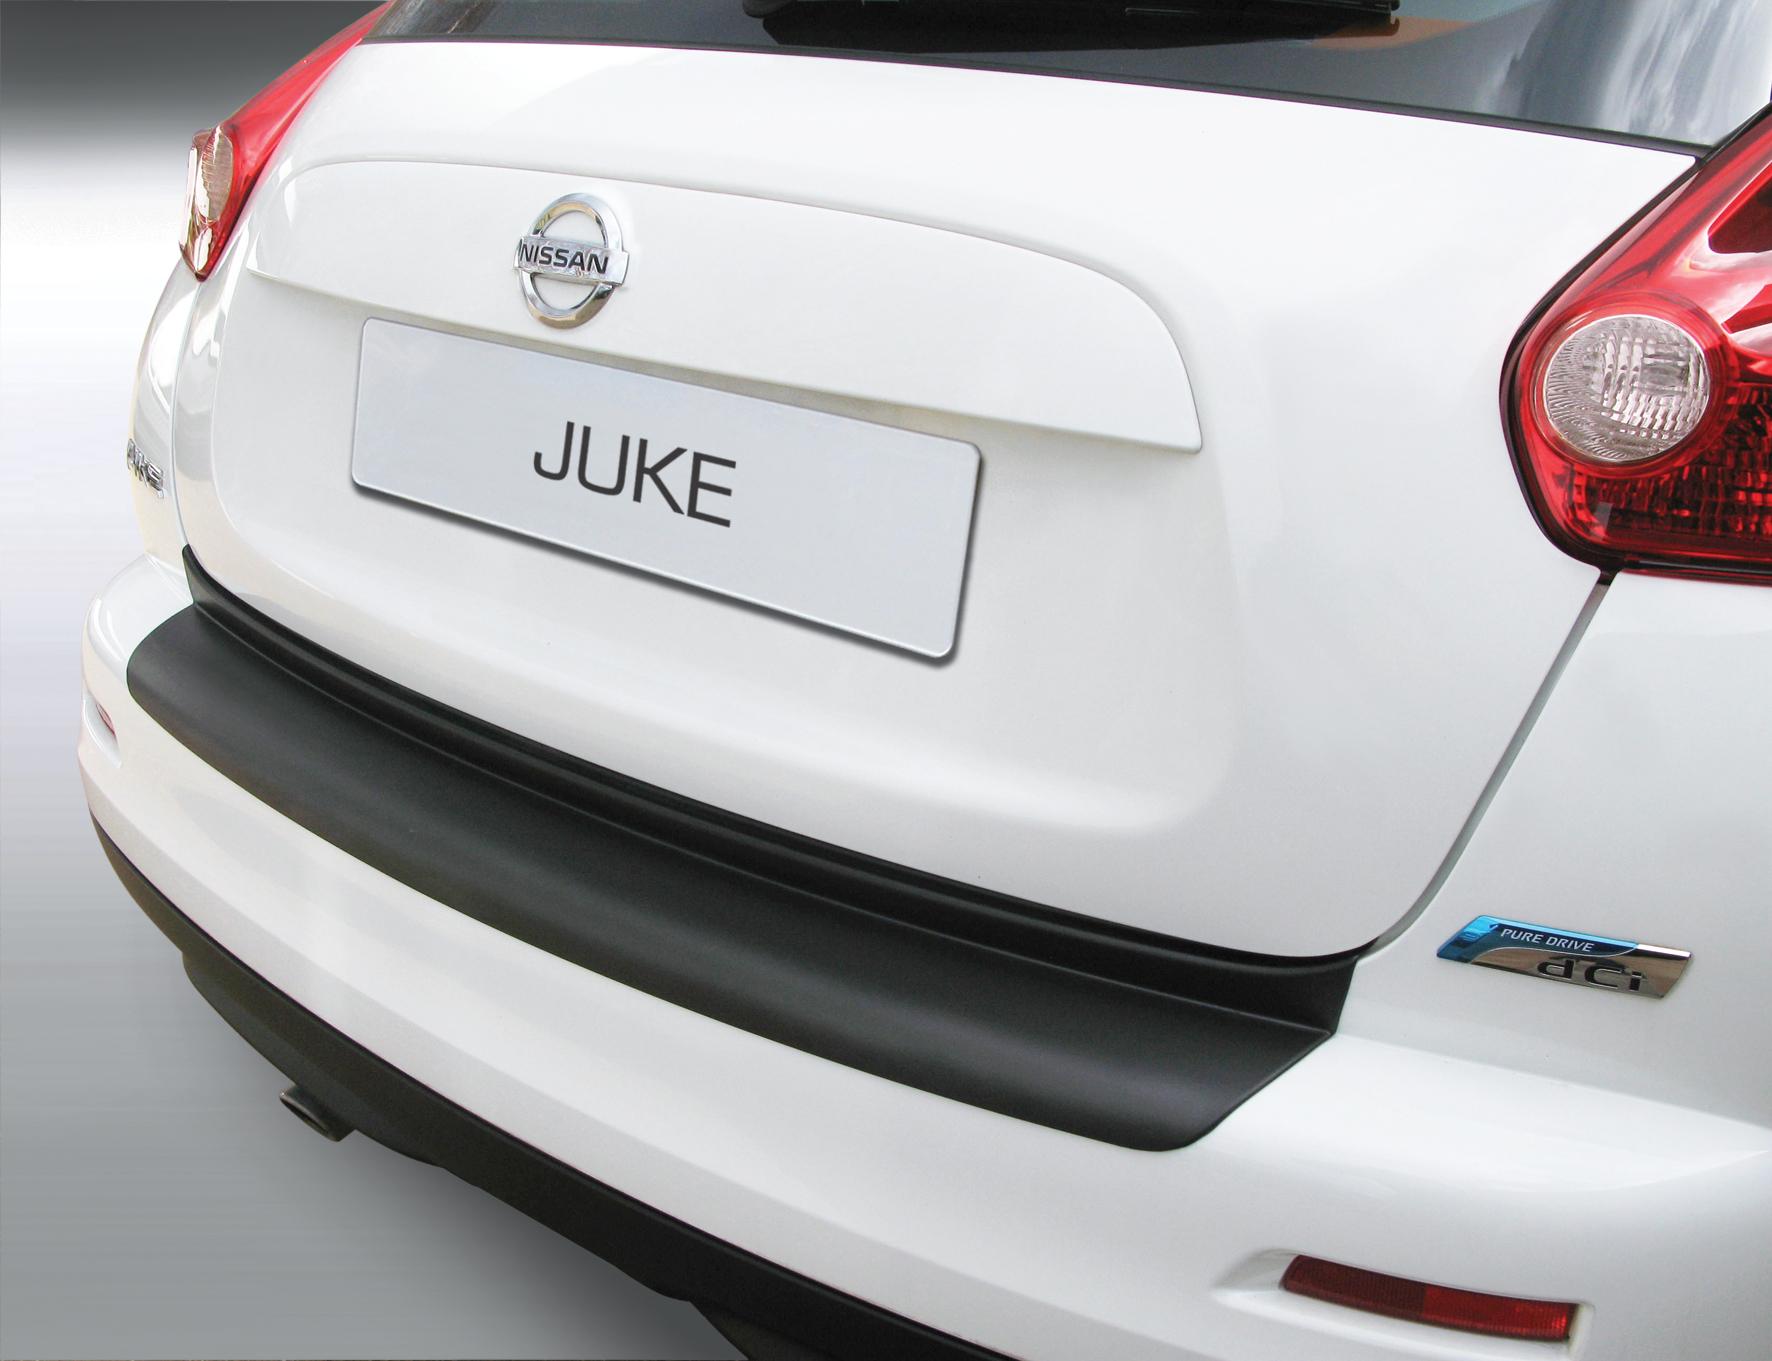 Takapuskurin kolhusuoja Nissan Juke 10/2010-5/2014